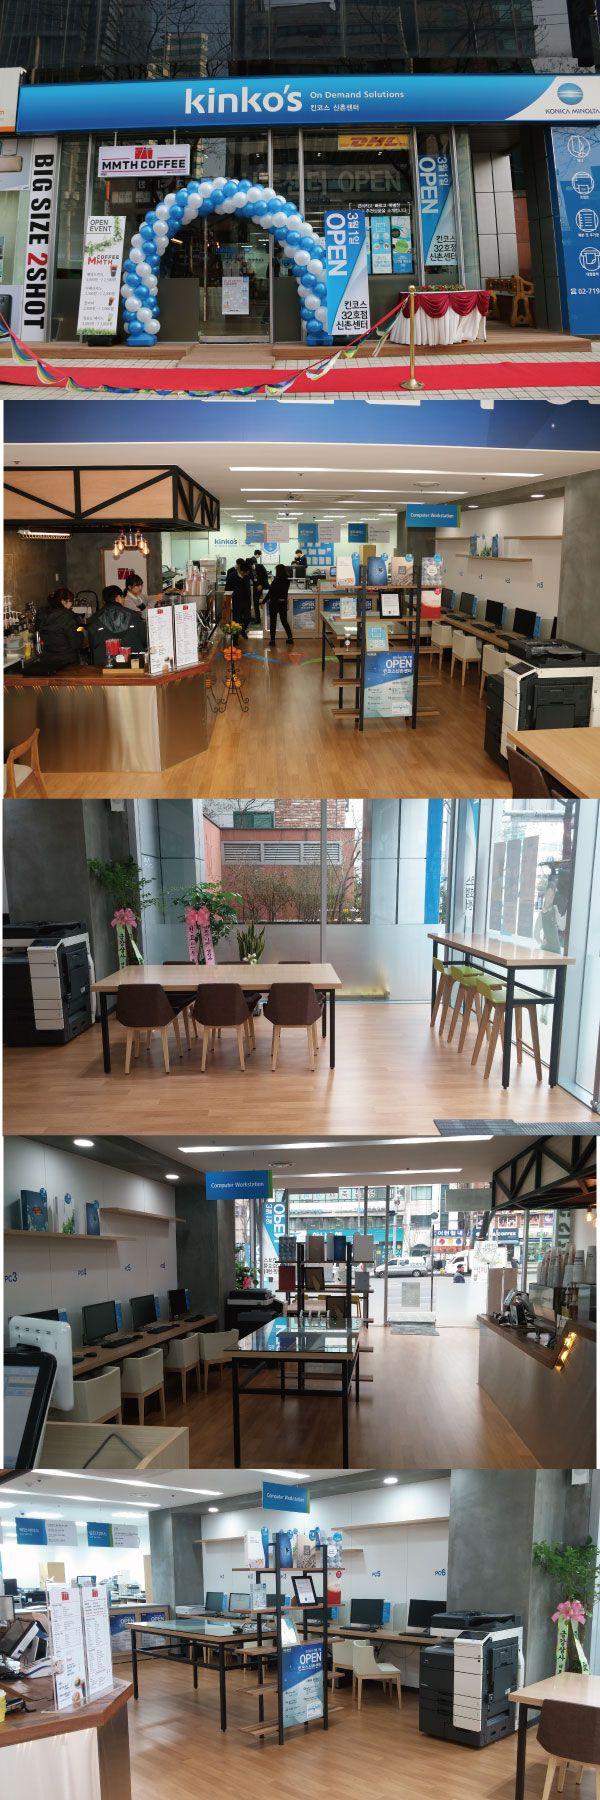 킨코스 신촌센터 kinko's korea  젊음의 거리 #신촌역 사거리에 신촌 센터가 오픈했습니다. 센터 내에 매머드커피가 입점되어 더욱 편리한 이용이 가능합니다.